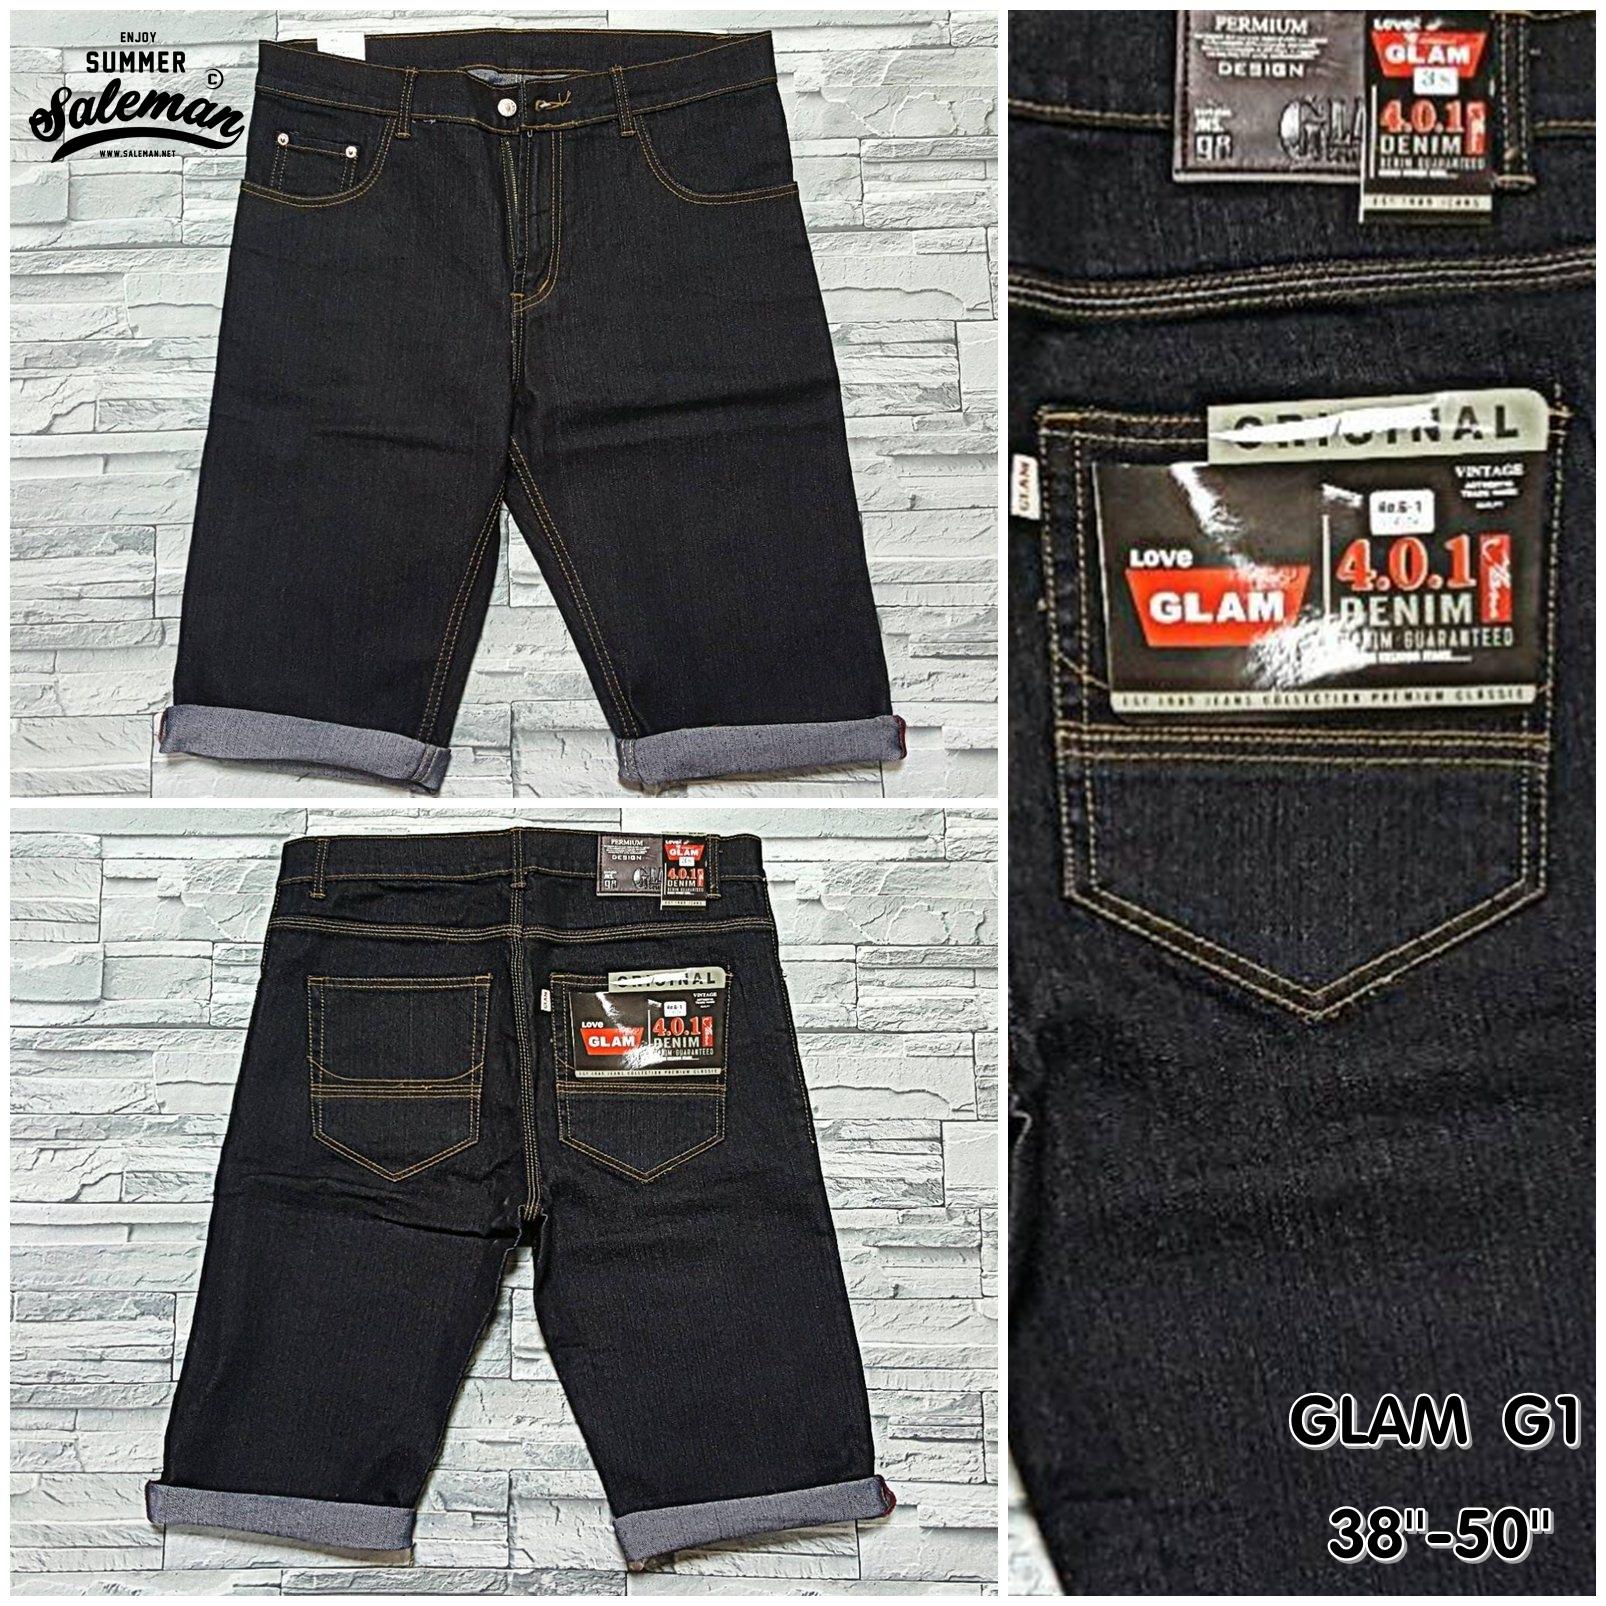 GLAM G1 กางเกงยีนส์ขาสั้น ขายกางเกง กางเกงคนอ้วน เสื้อผ้าคนอ้วน กางเกงขาสั้น กางเกงเอวใหญ่